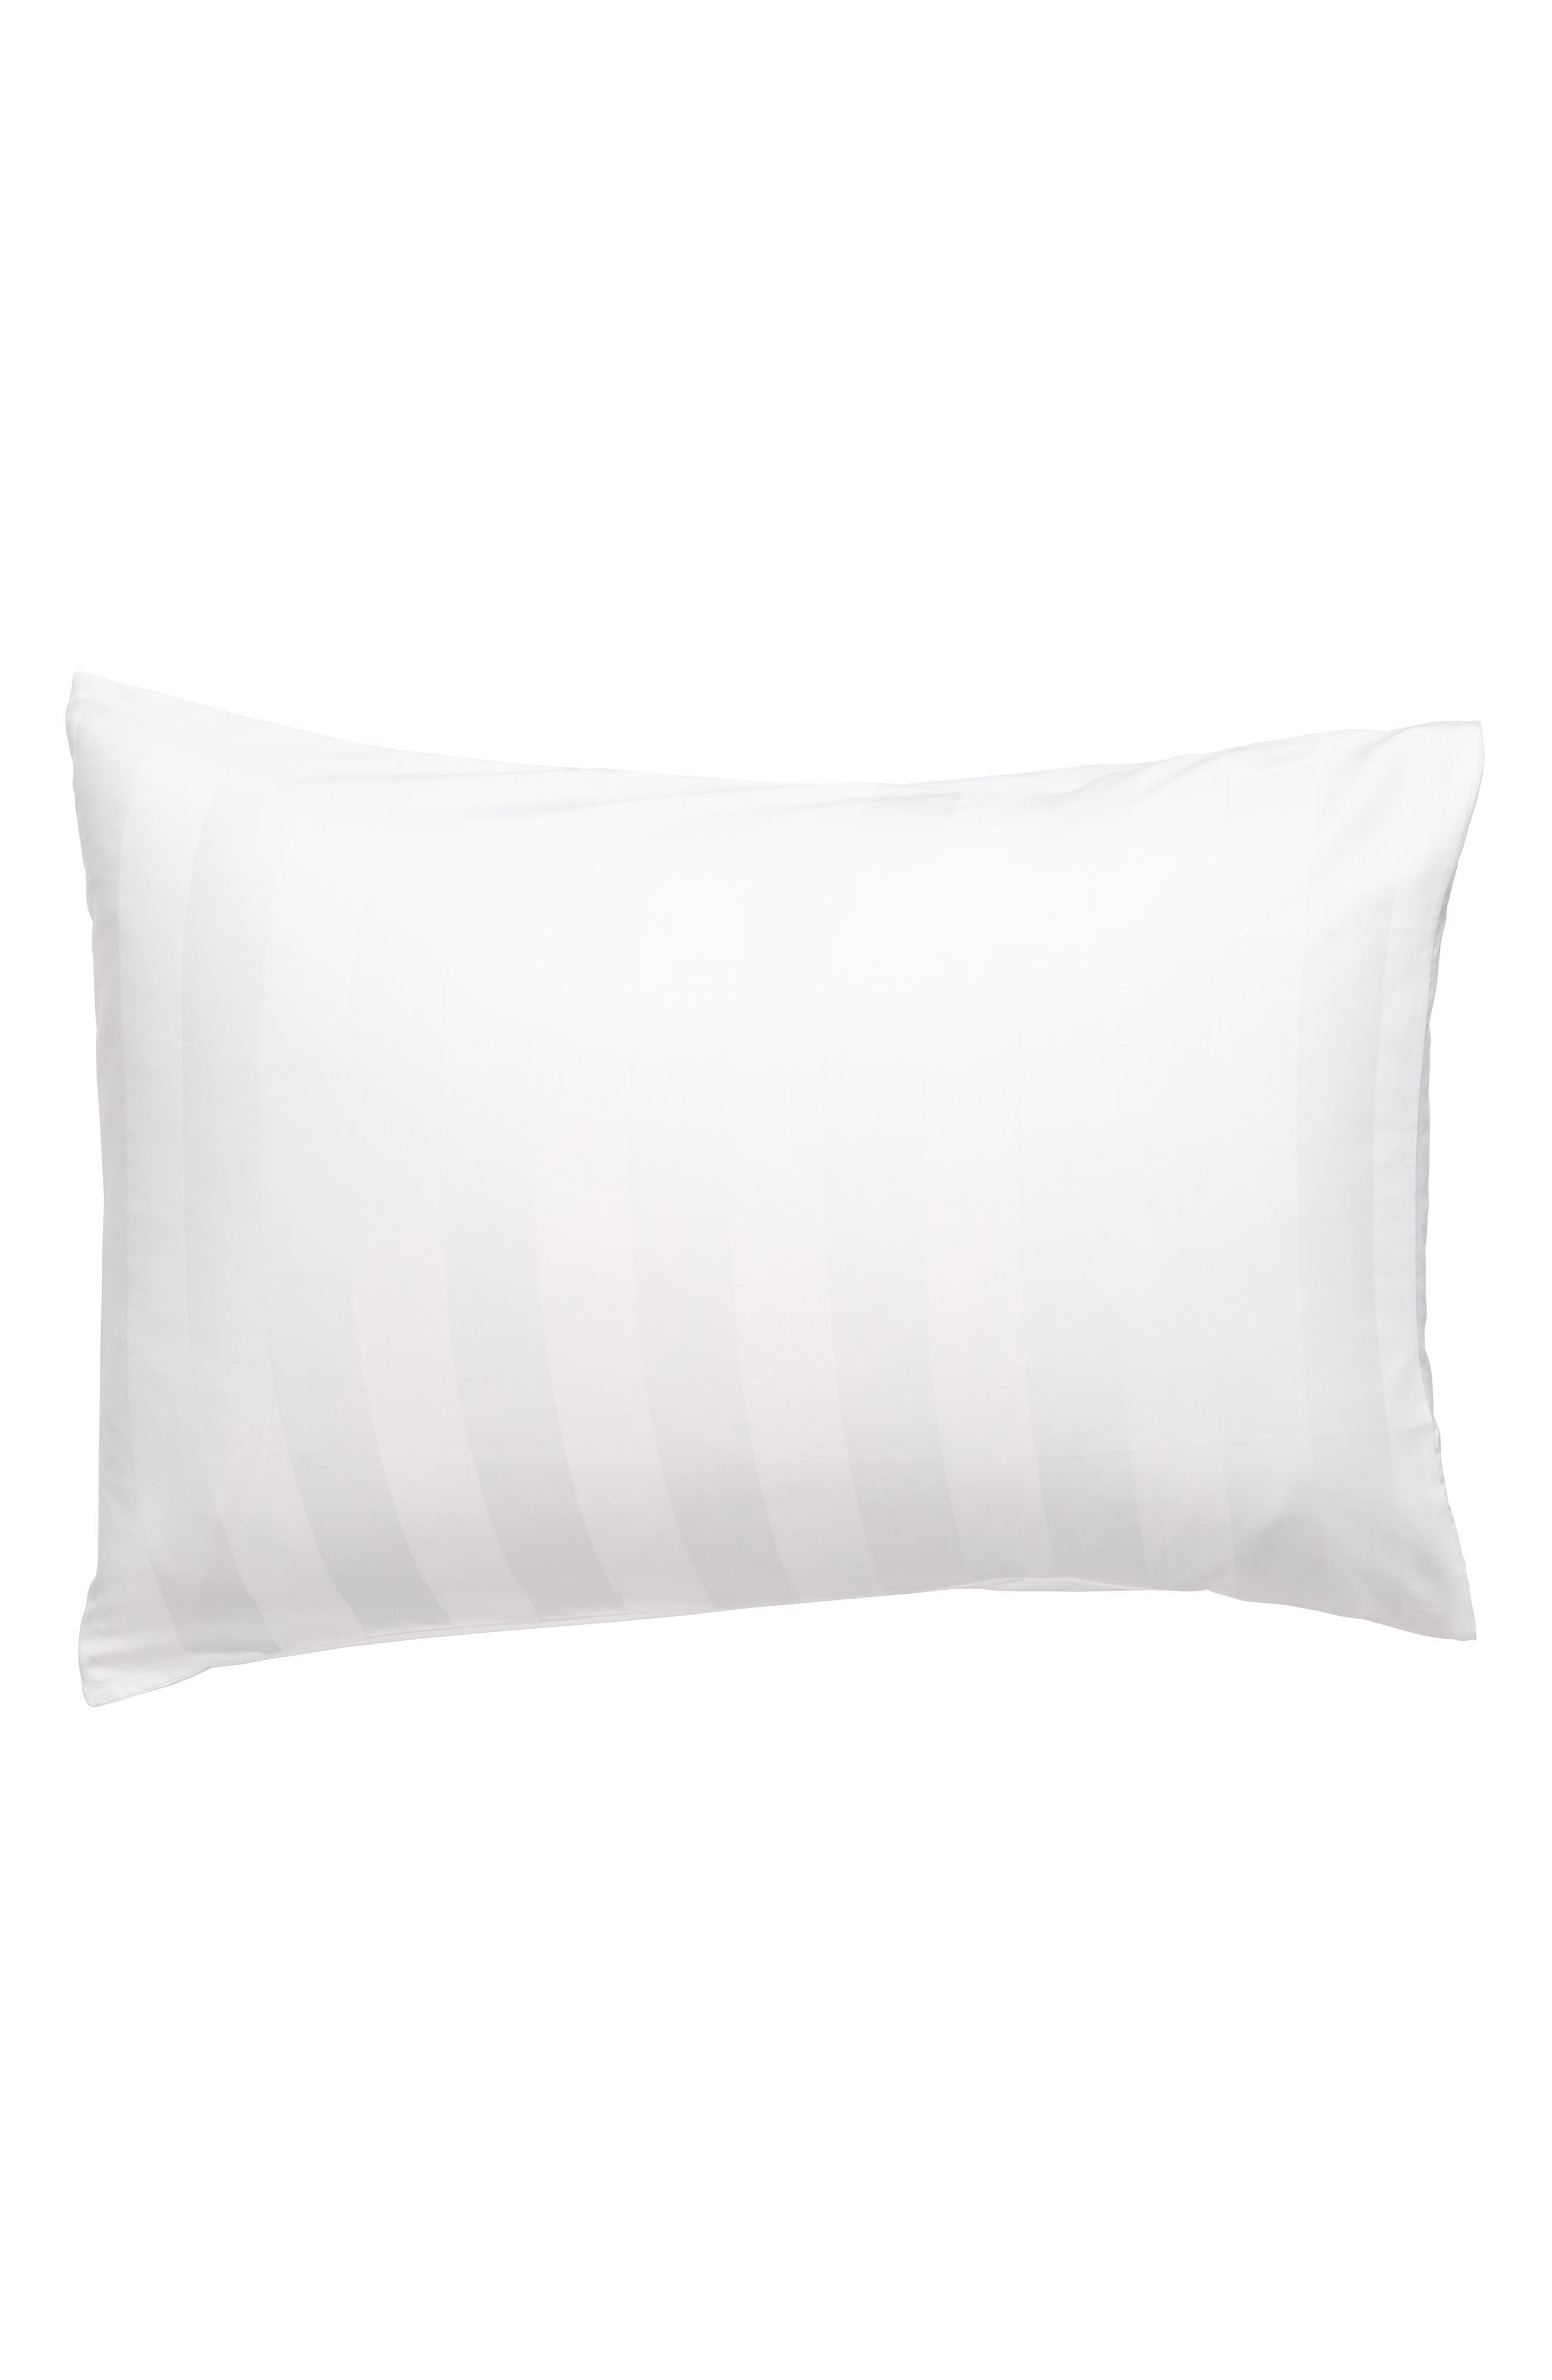 Home The Flag Pillow Sham,                         Main,                         color, WHITE